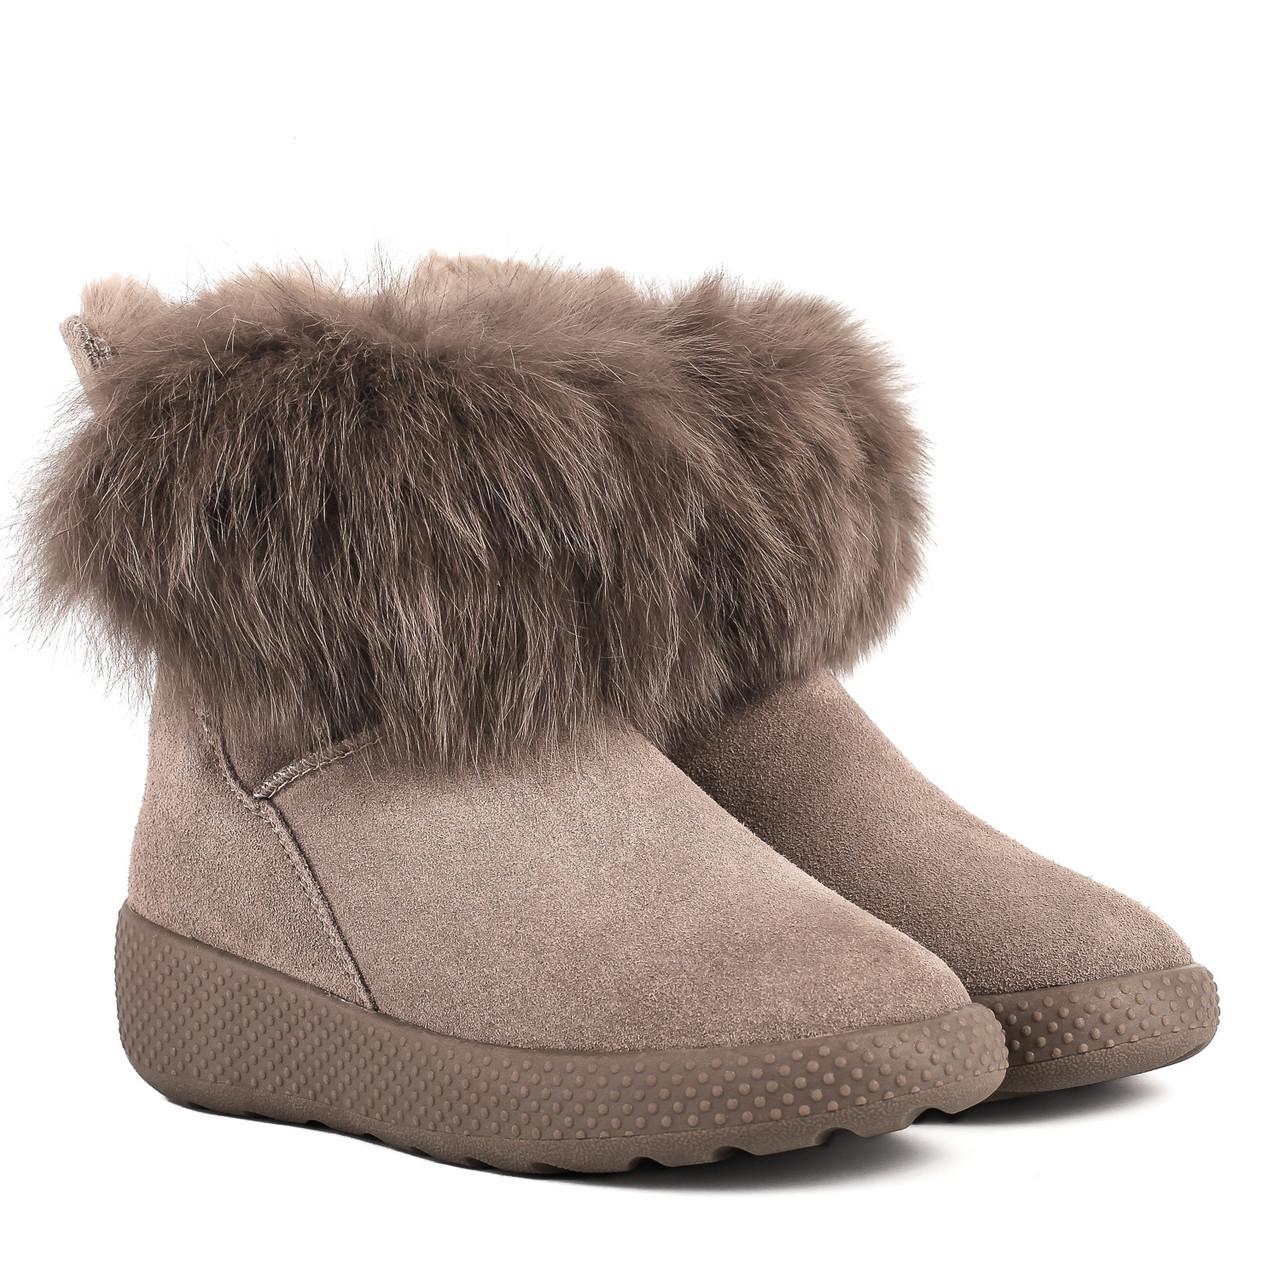 65241cd3d Угги женские Lifexpert (стильные, с мехом, удобные) - Marigo - обувь женская